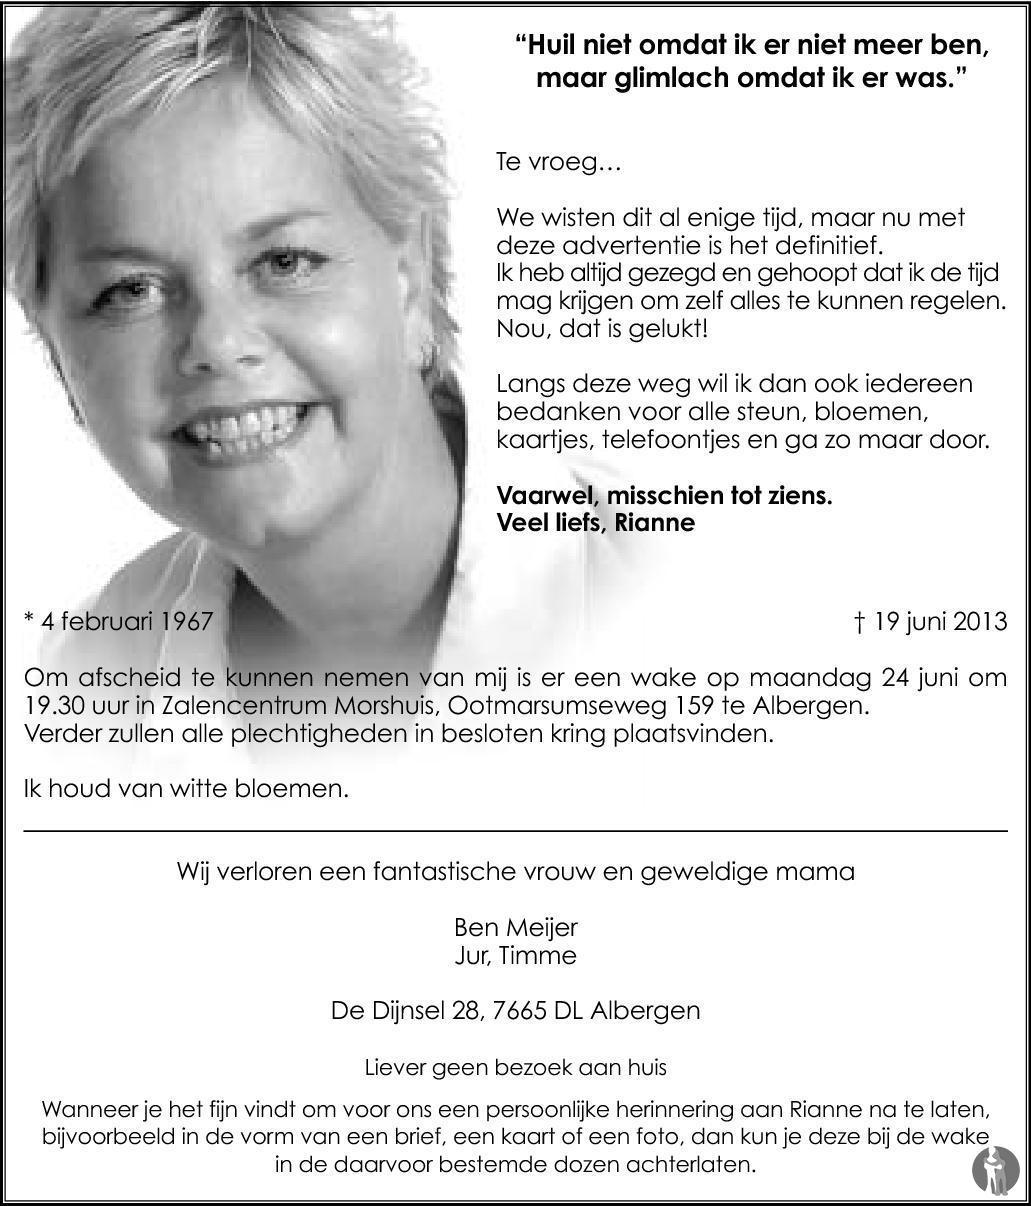 Meijer Login